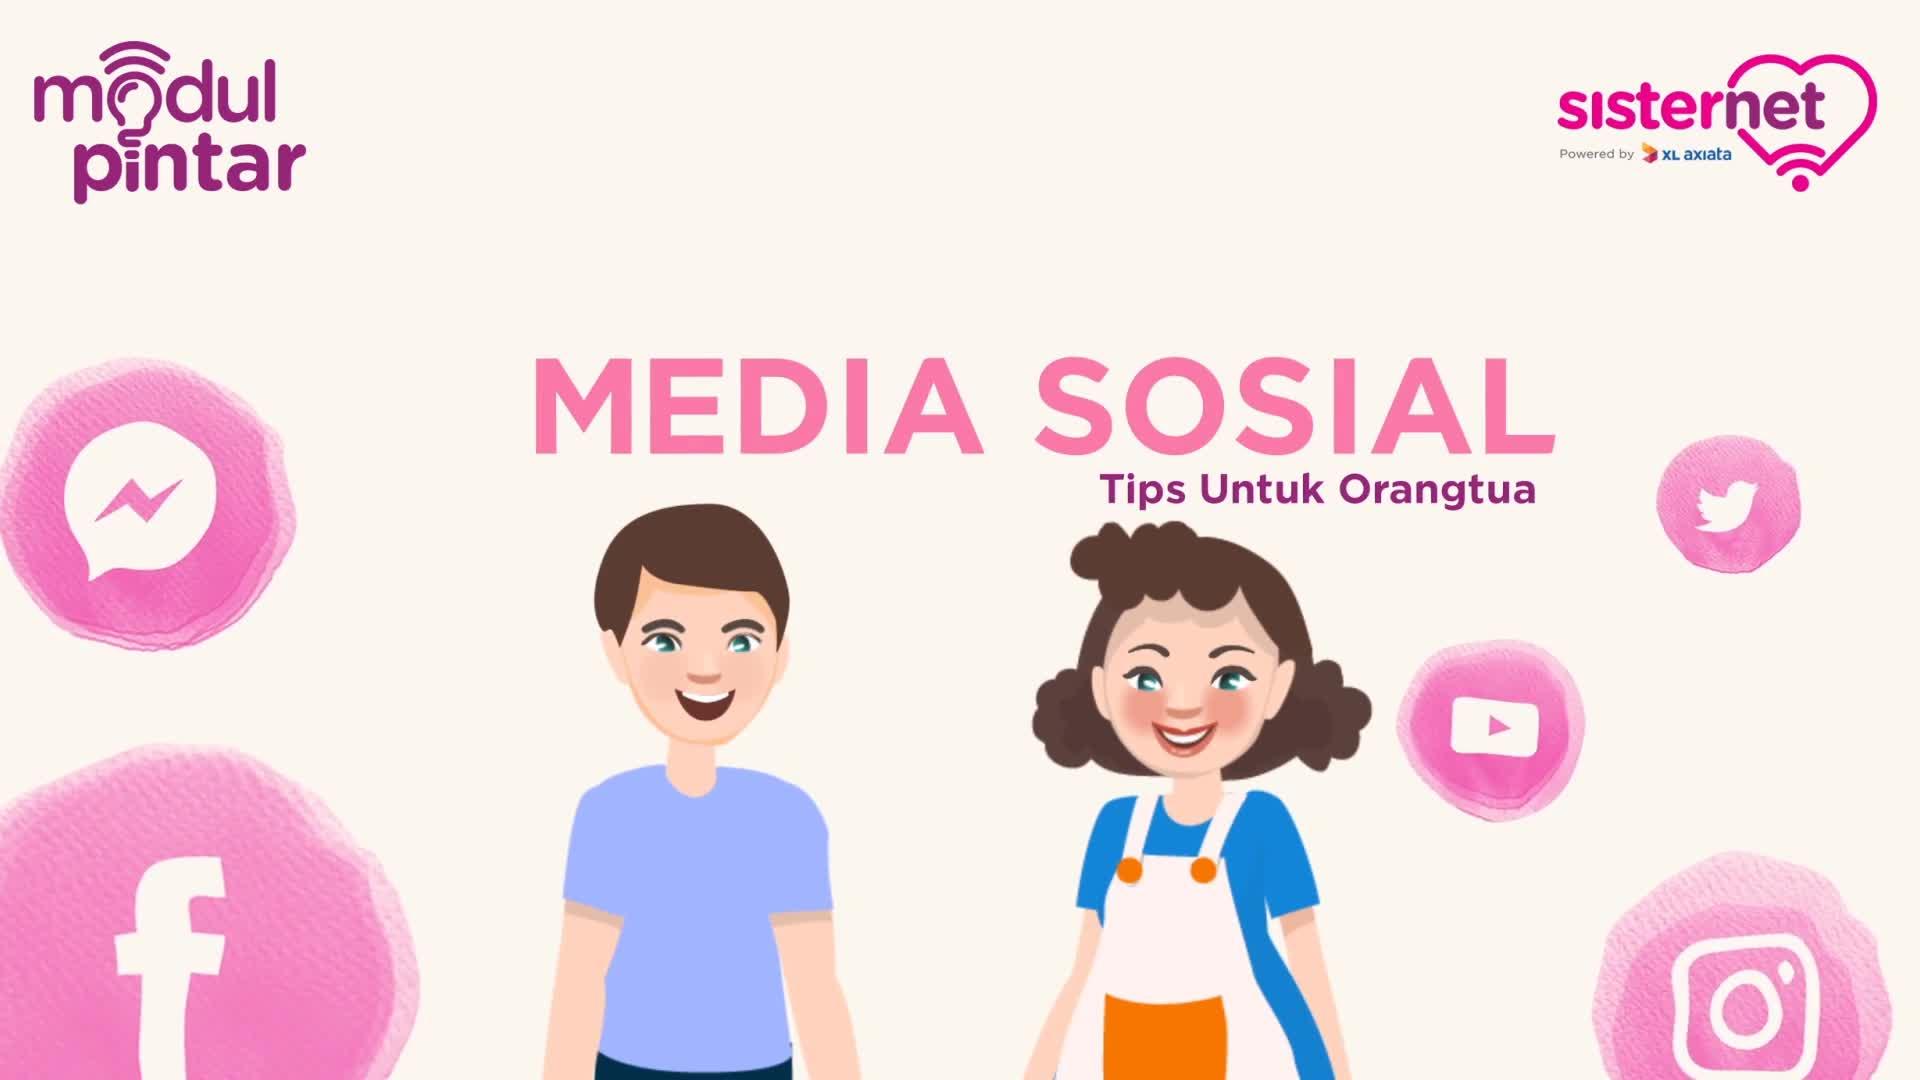 Panduan Penggunaan Media Sosial Untuk Orang tua, Pendidik, dan Anak Remaja